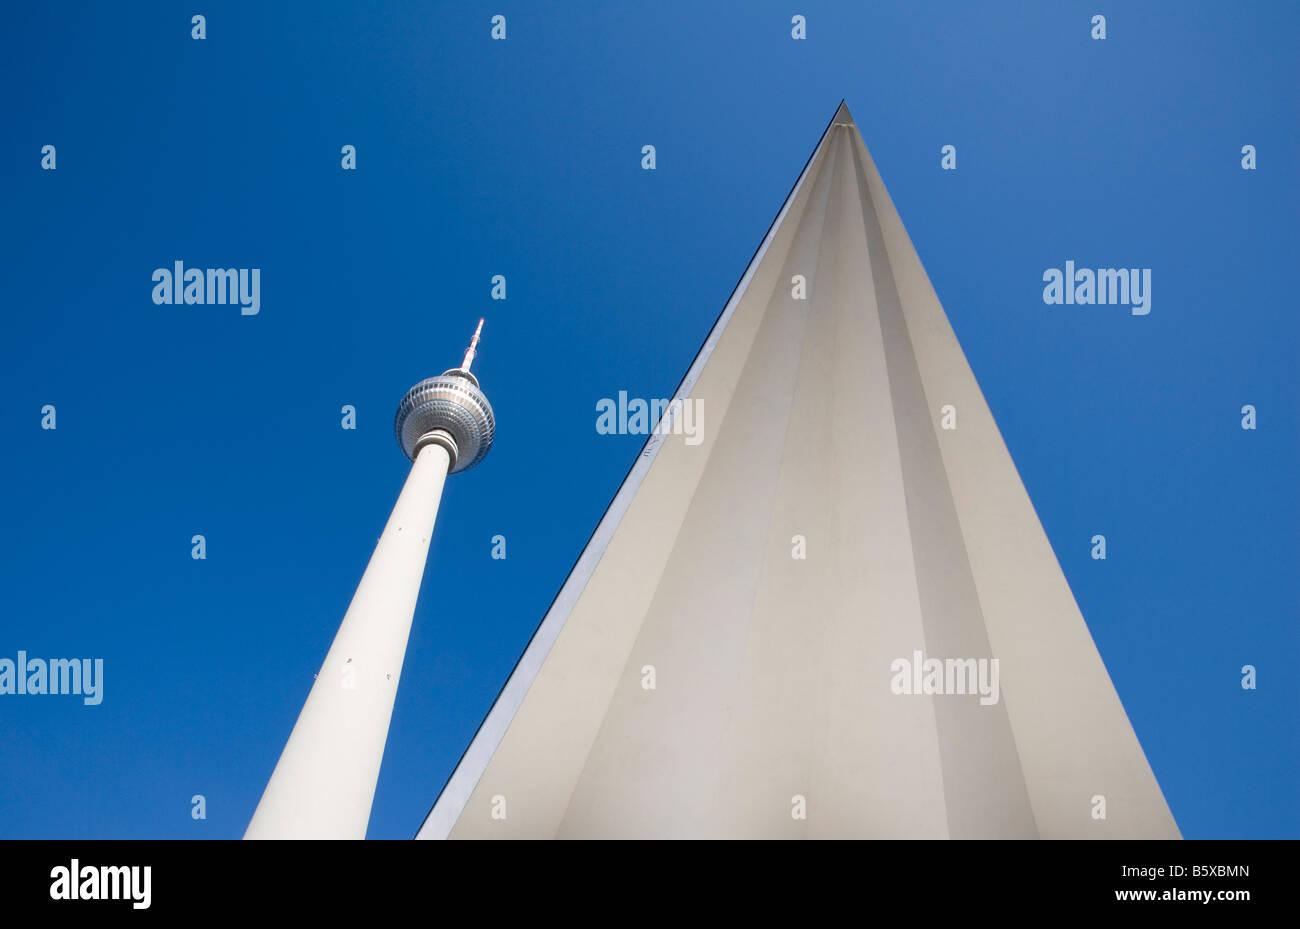 Berühmte Sehenswürdigkeit der Stadt Berlin die TV Turm am Alexanderplatz Alexander s Quadrat mit Dachkonstruktion Stockbild